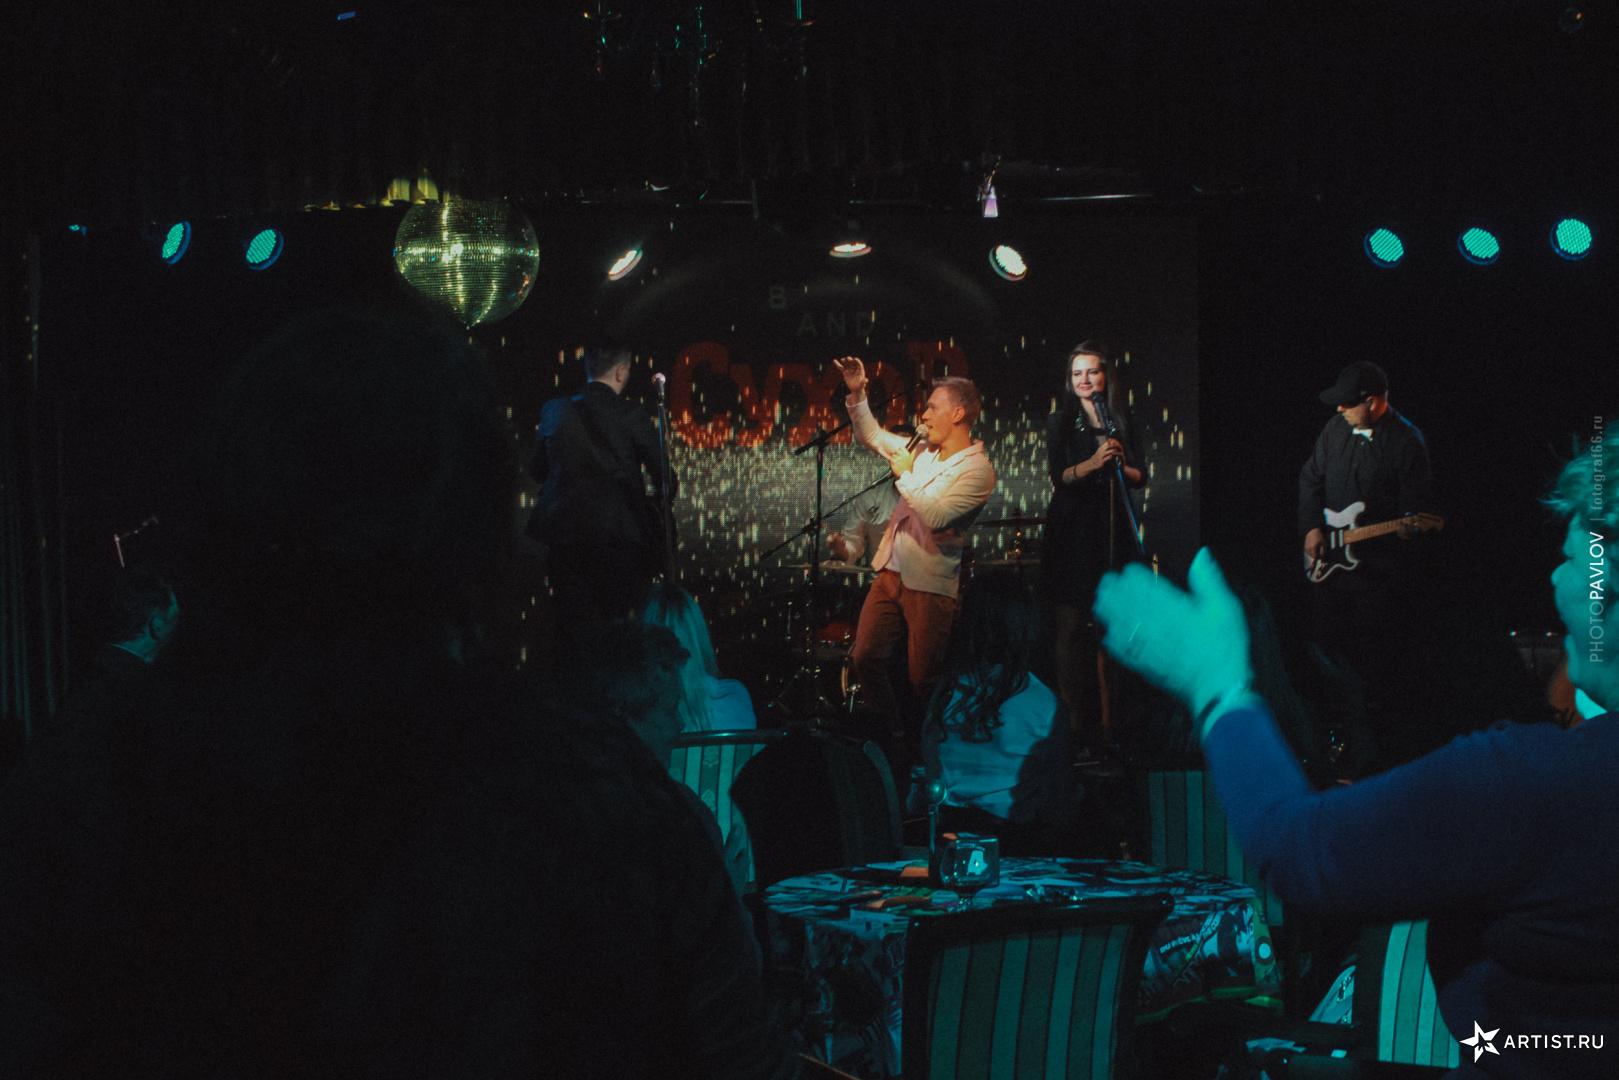 Фото 17 из 18 из альбома В Театре Эстрады  СУХОВ band (сухов бэнд)